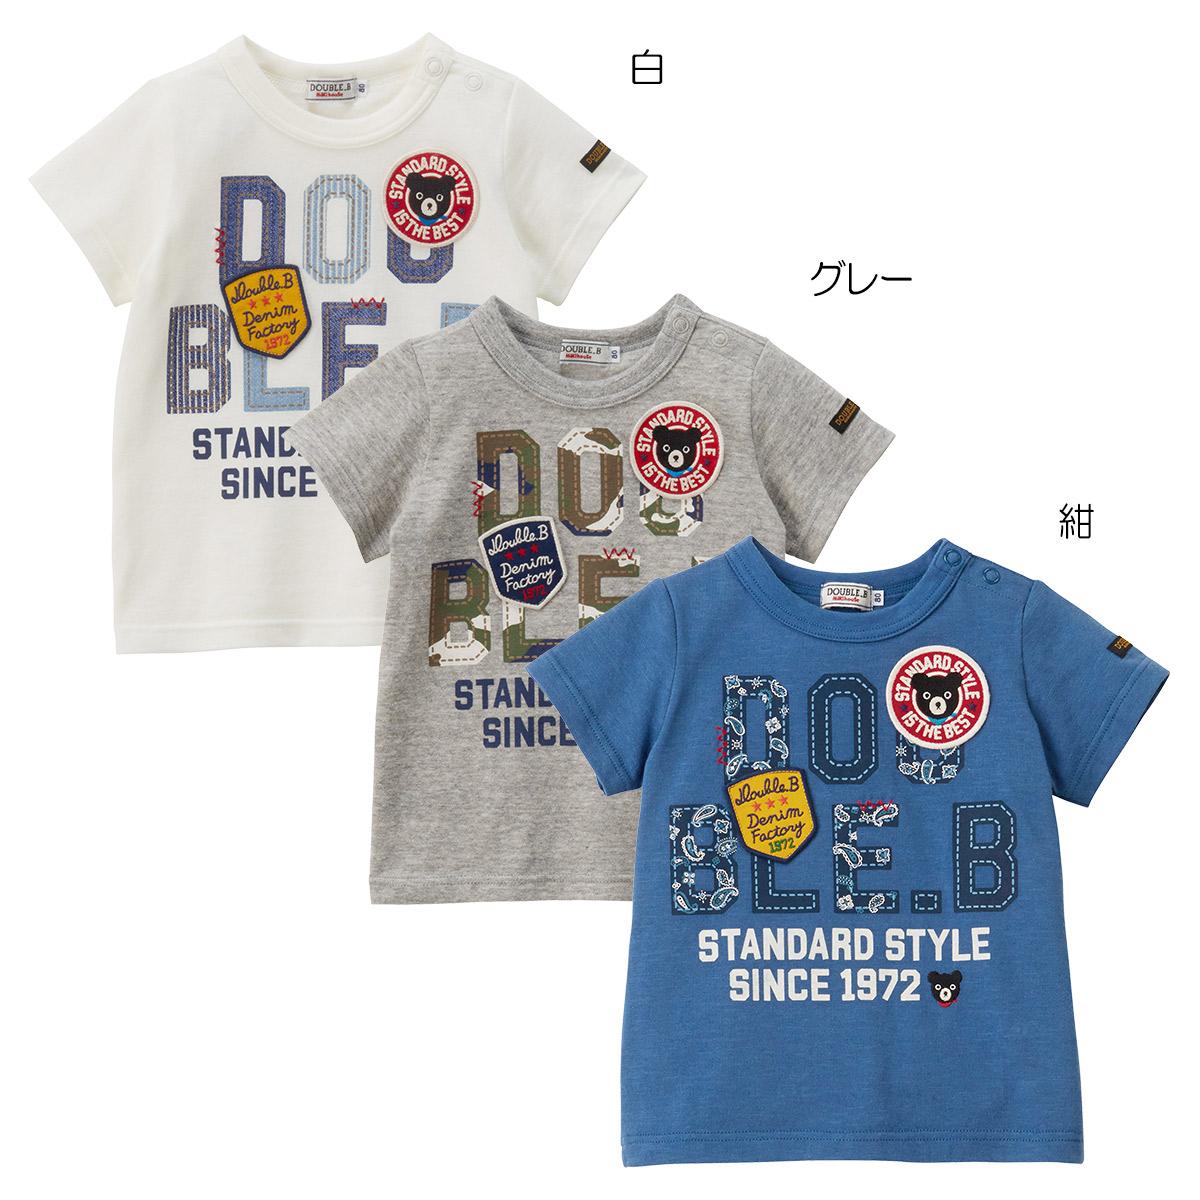 〇【ミキハウス】Tシャツ9100【3,980円以上で送料無料(国内)】